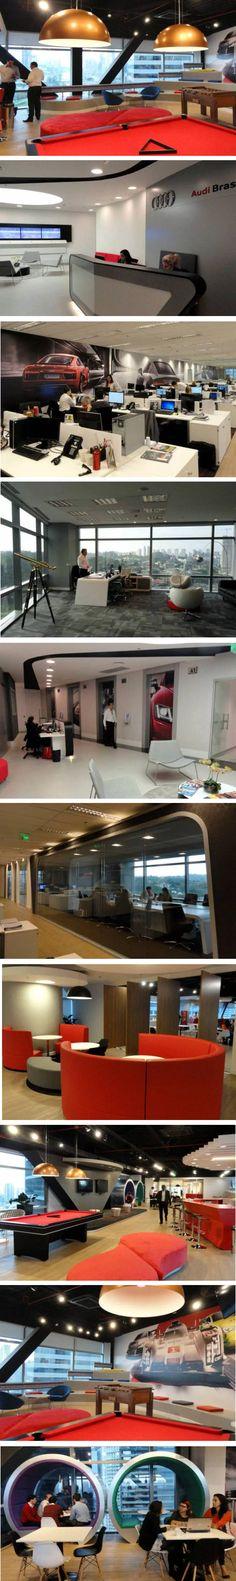 escritório da Audi em São Paulo. Ambiente é marcado pelas curvas e anéis que compõem a logomarca da empresa e também pela descontração (http://exame.abril.com.br/negocios/por-dentro-do-novo-escritorio-da-audi-em-sao-paulo/)